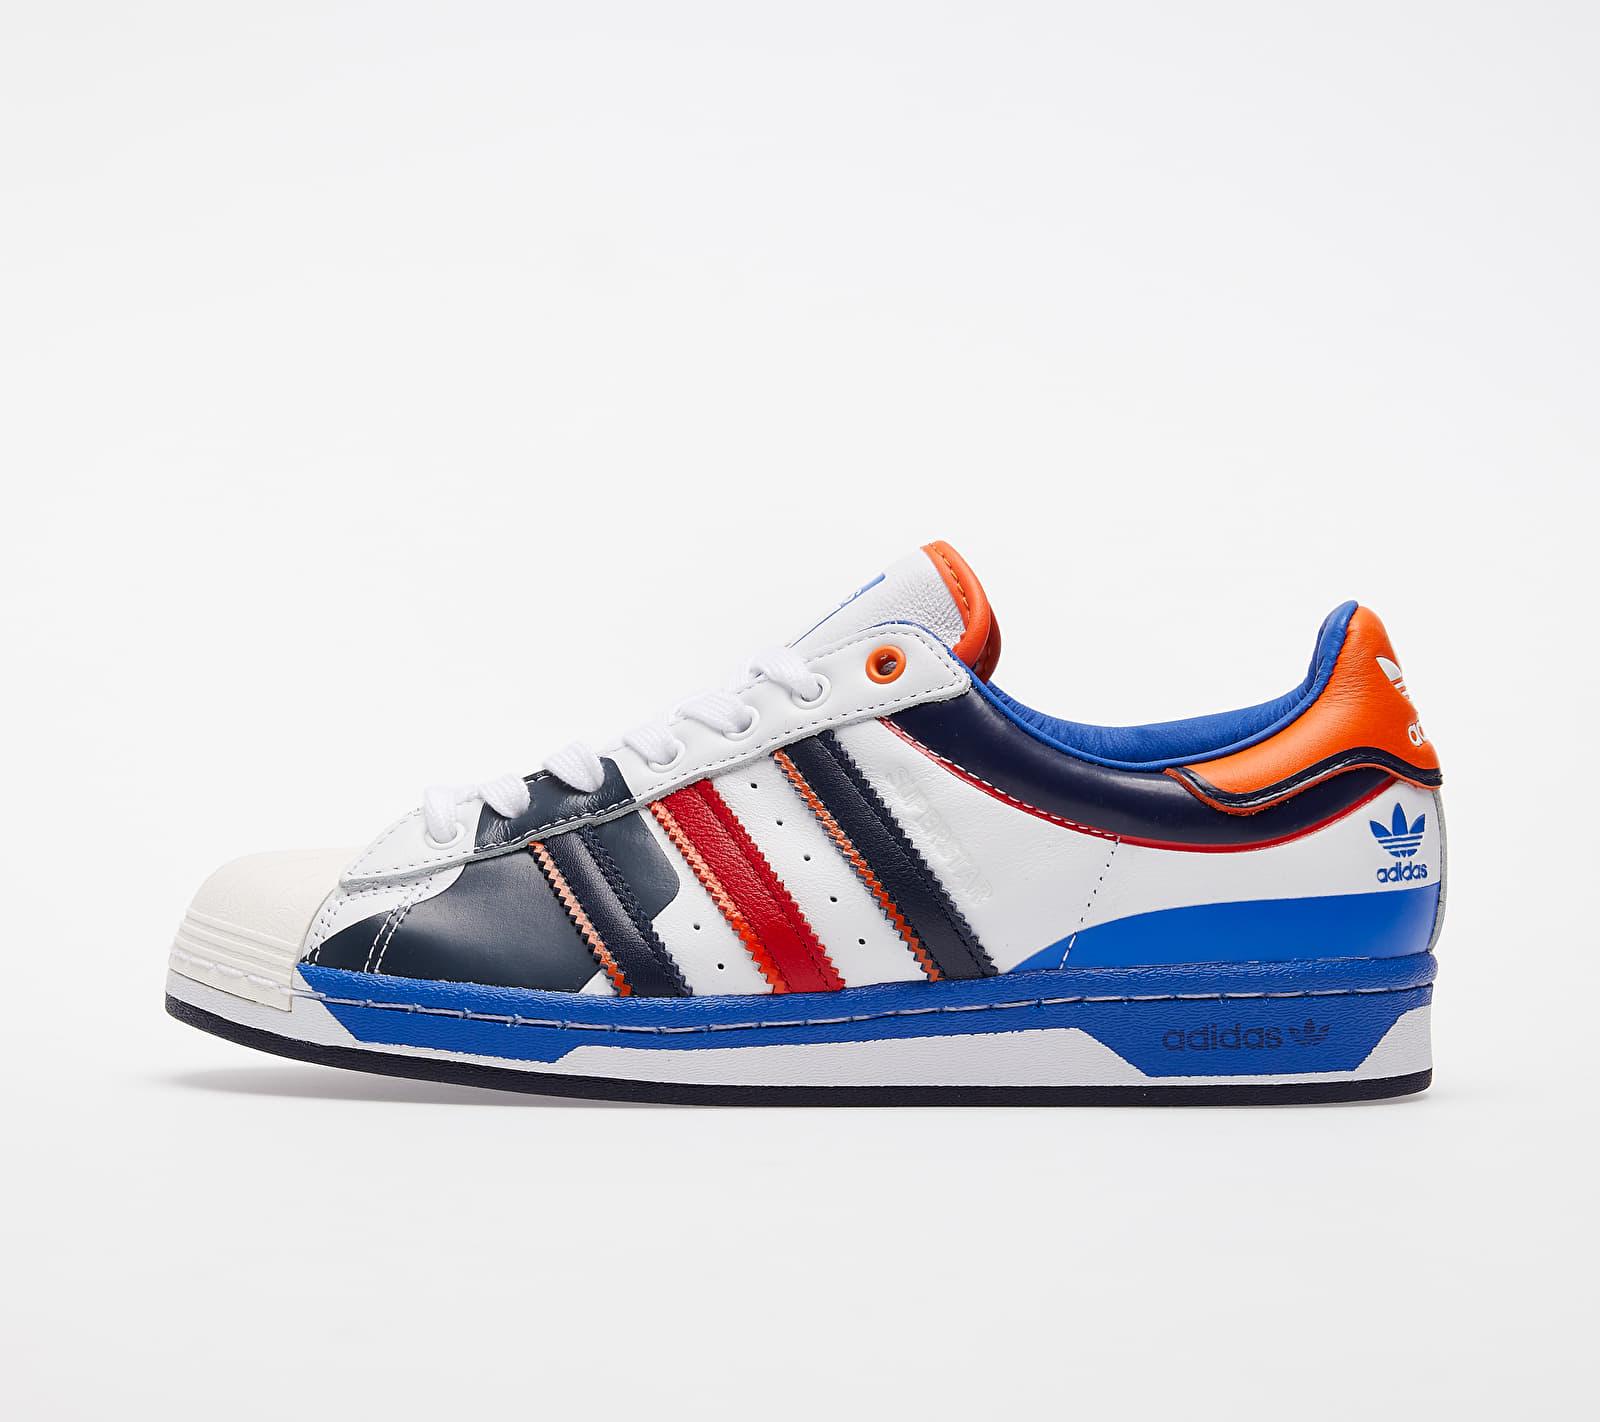 adidas Superstar Ftwr White/ Blue/ Scarlet EUR 42